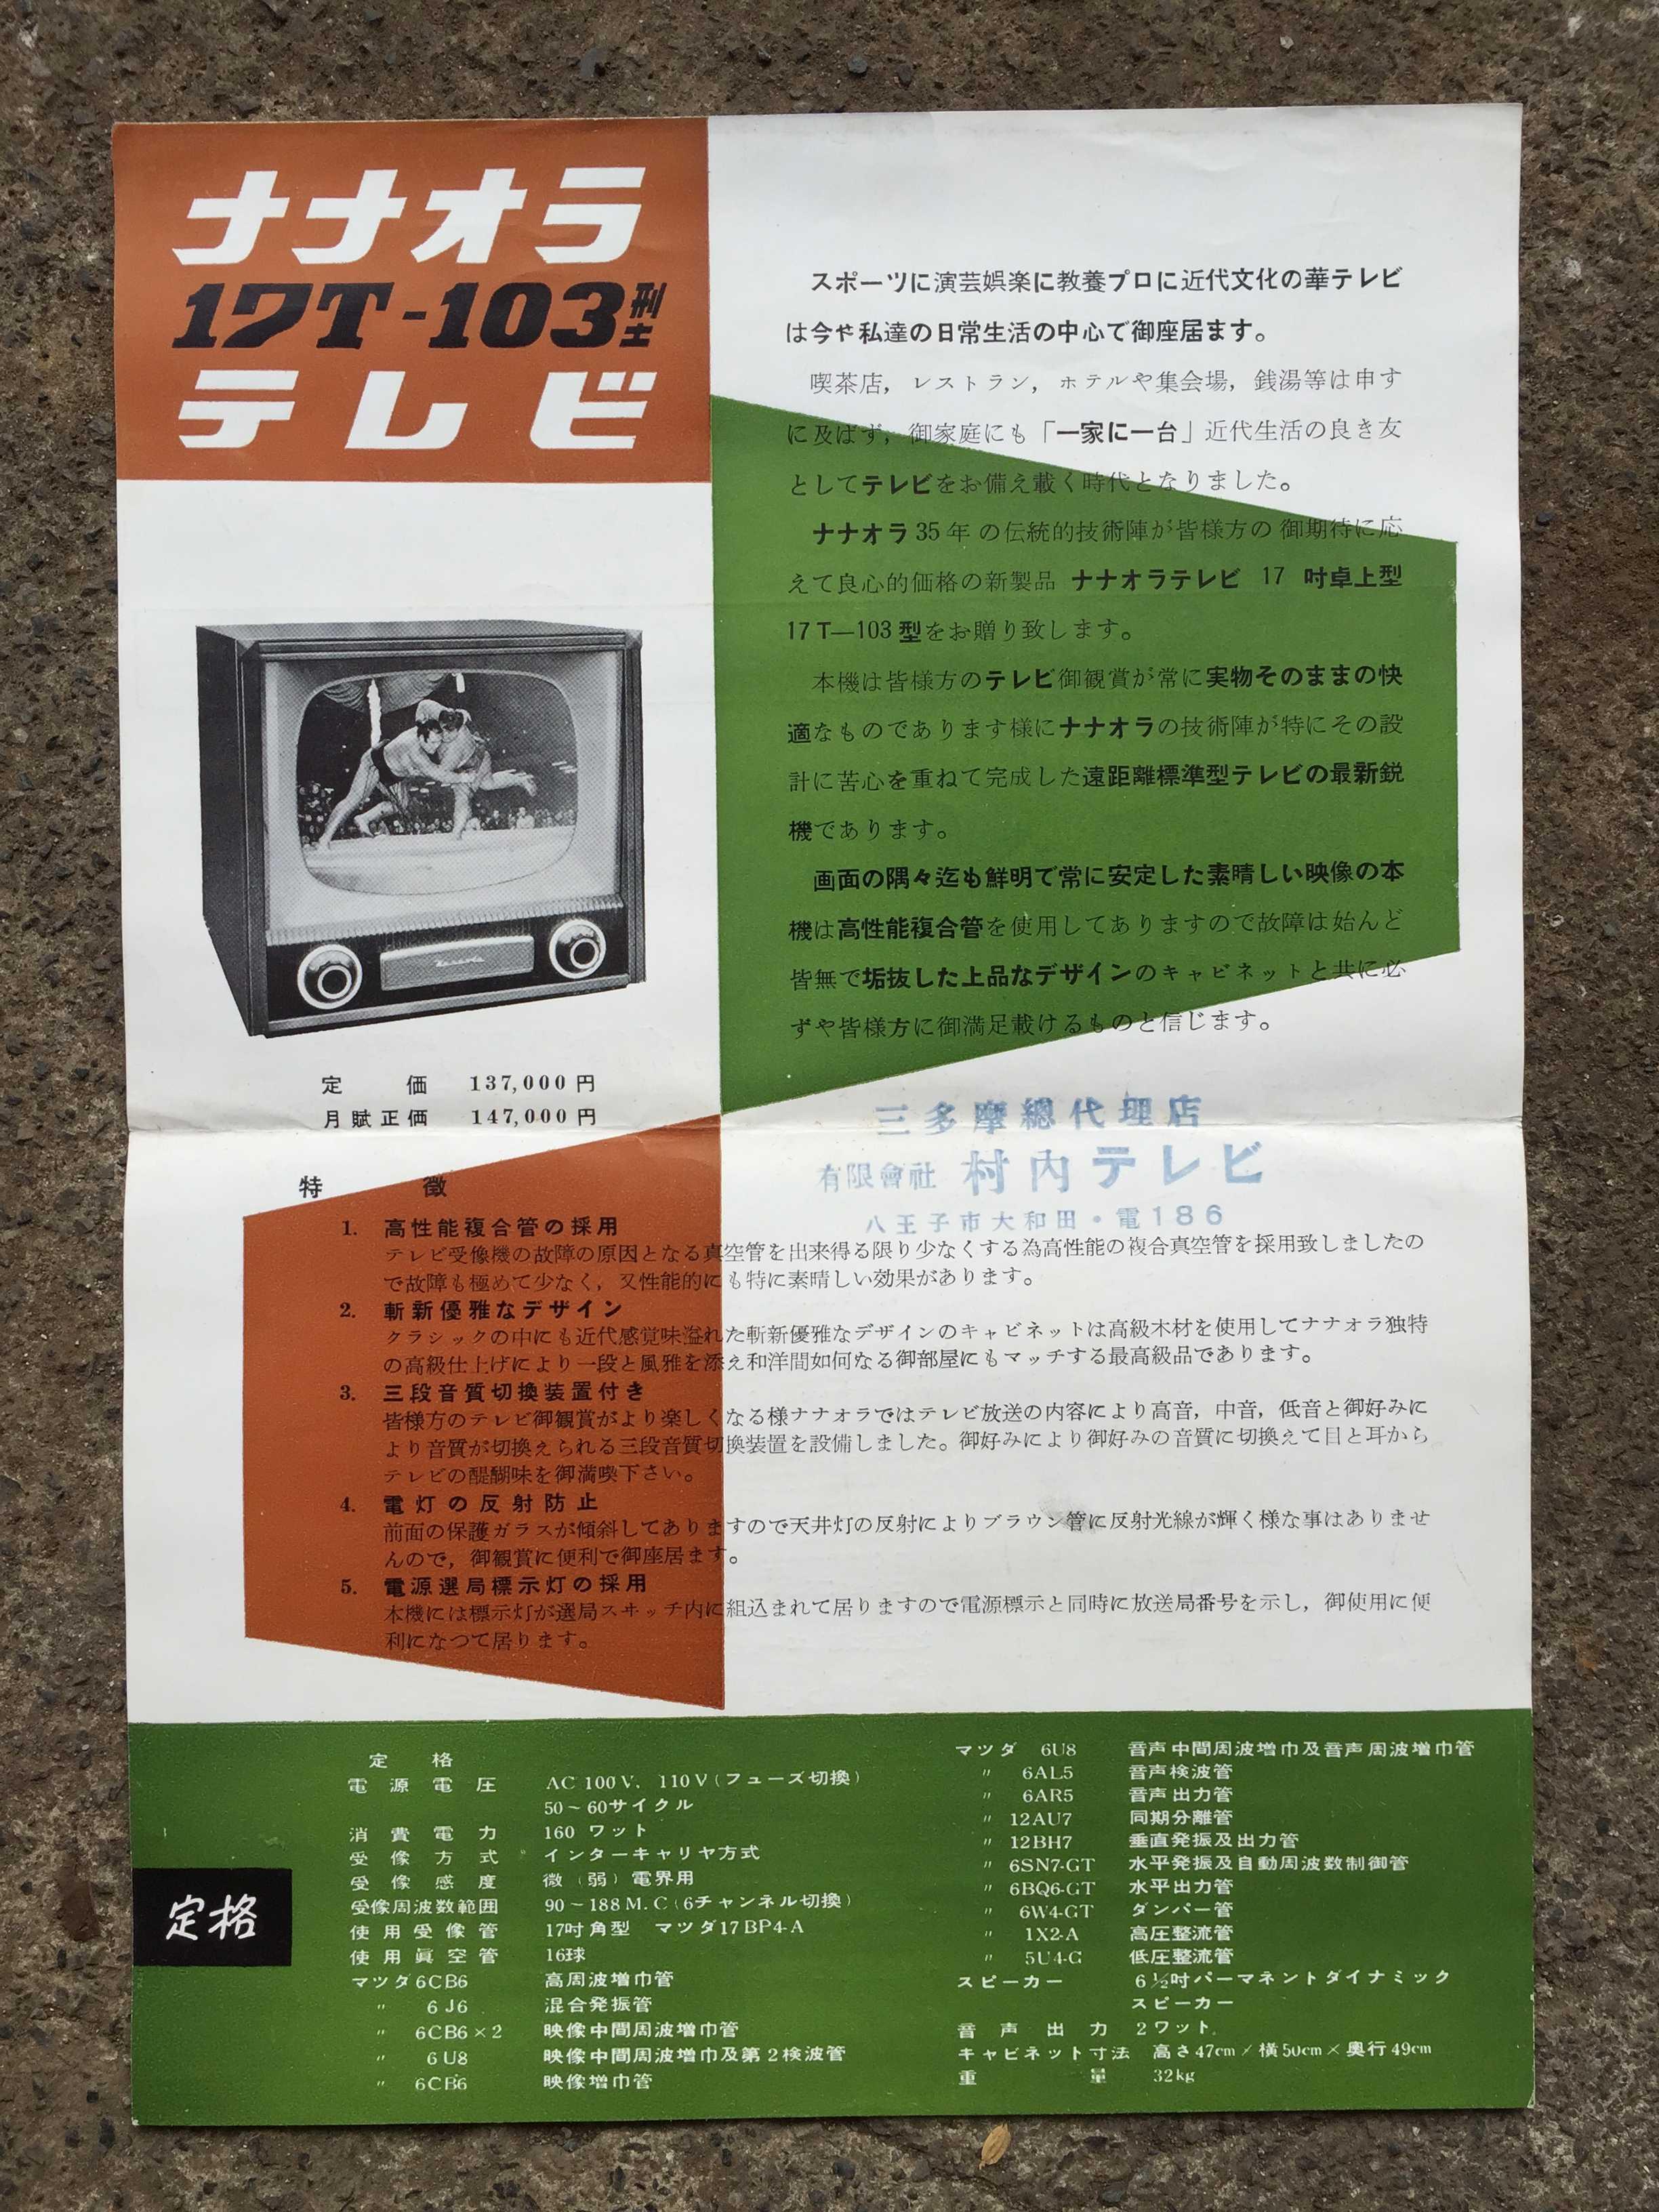 ナナオラ  17T-103型テレビのチラシ